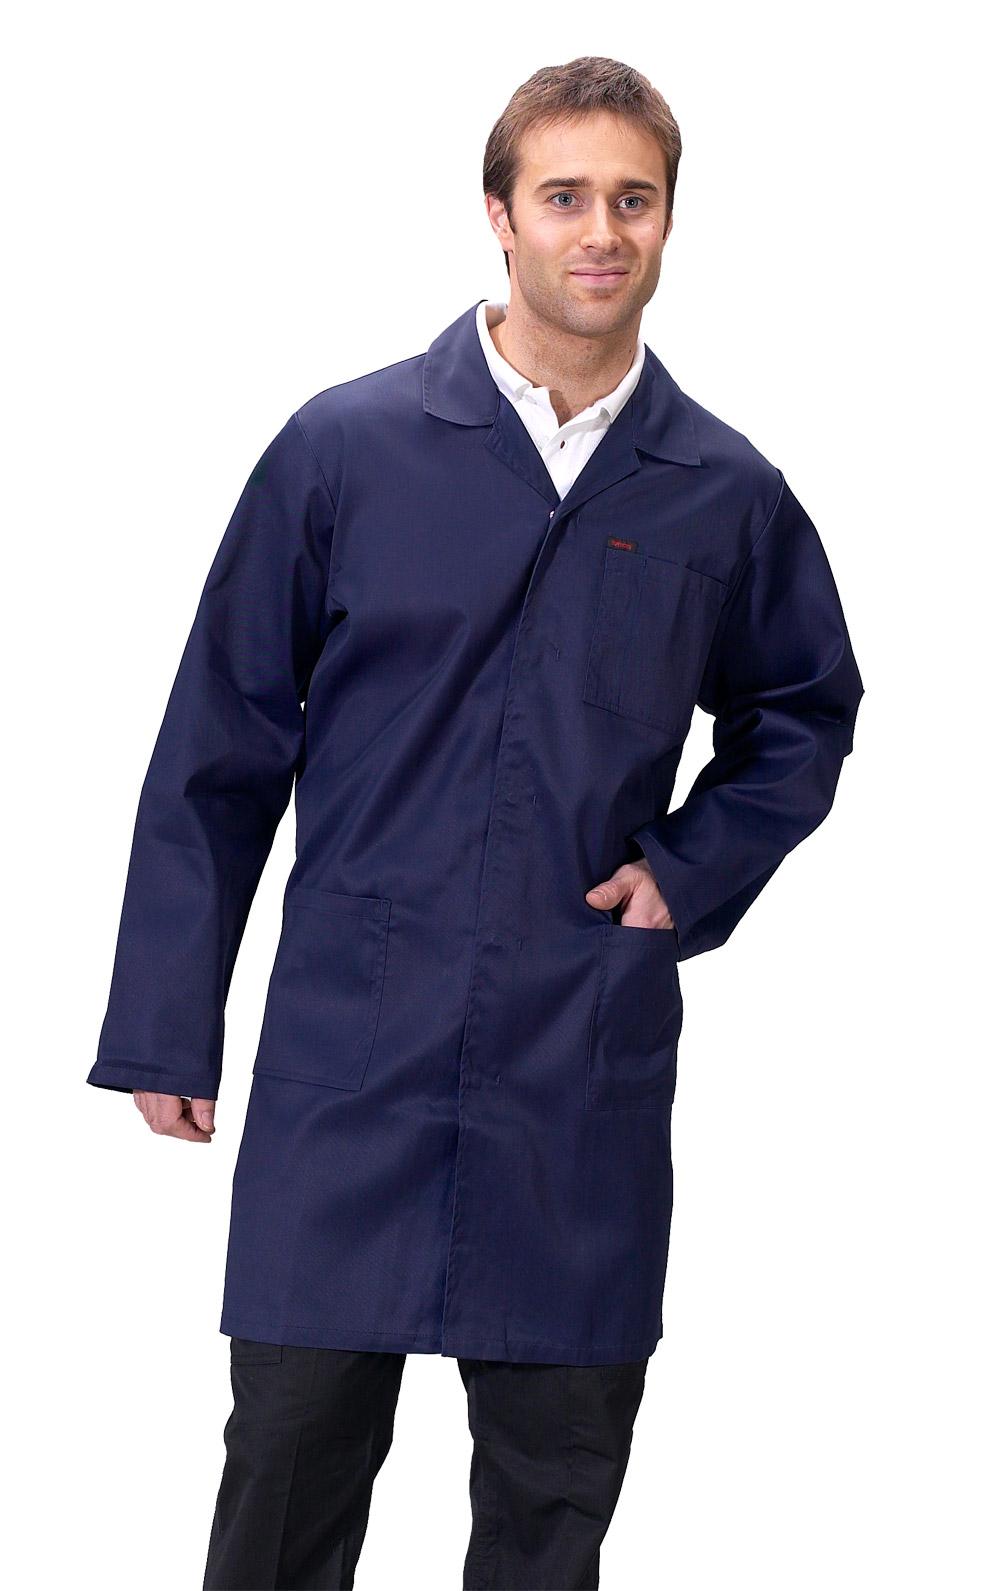 Warehouse Jacket Lab Coat The Safety Shack